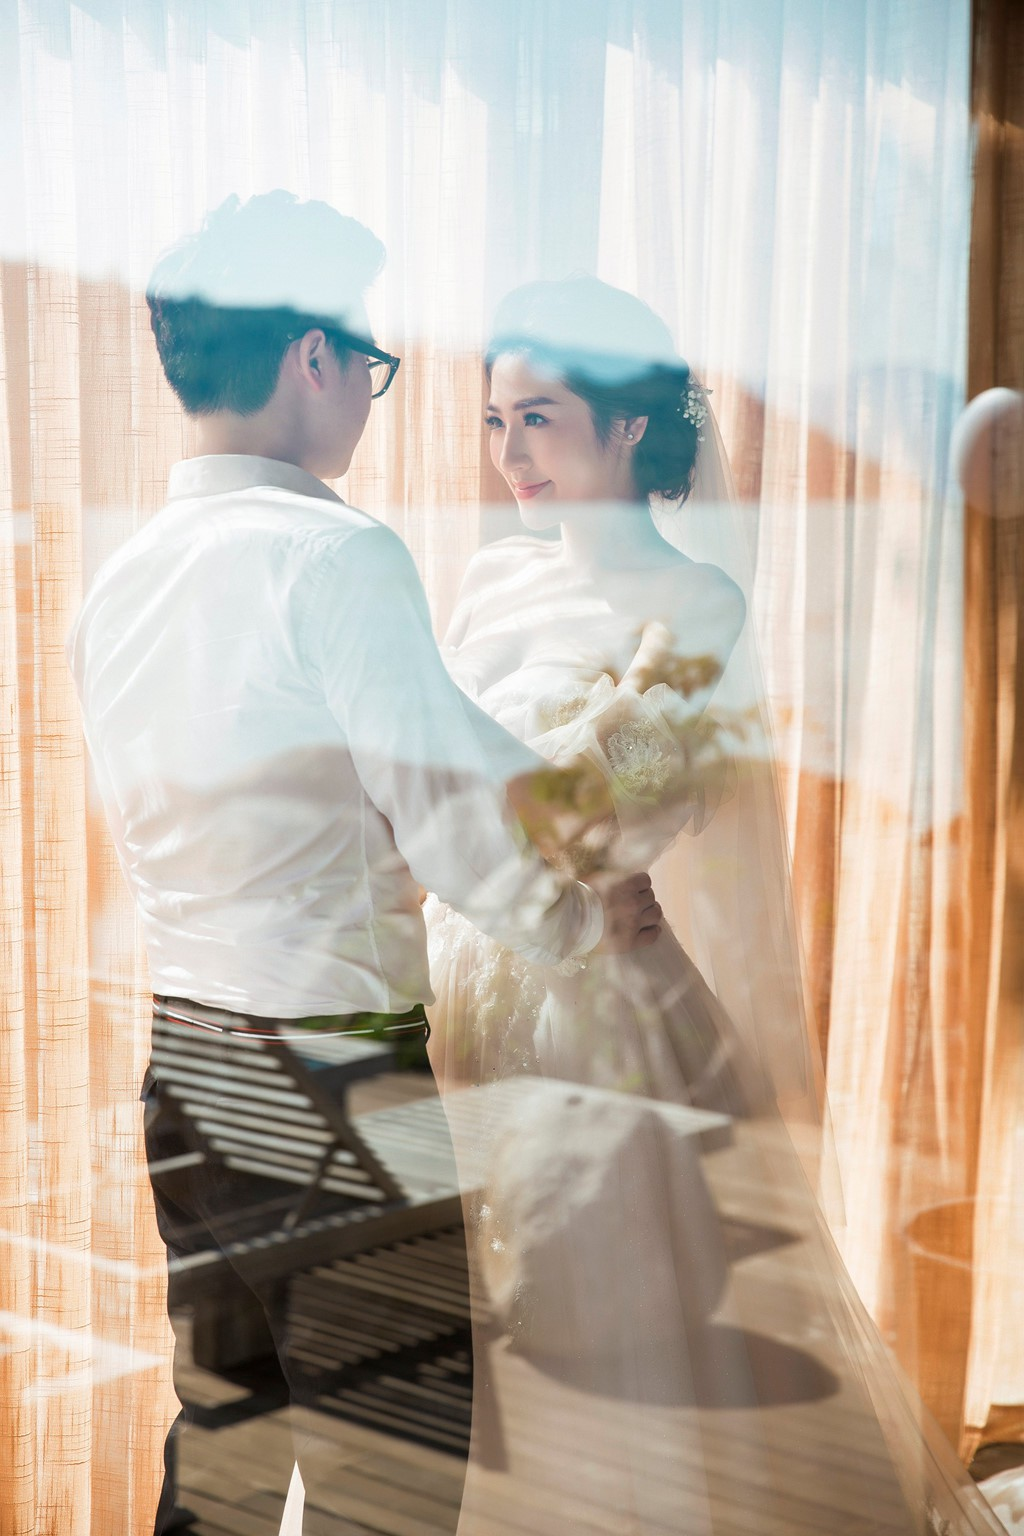 Mỹ nhân Việt nói gì trước tin đồn 'cưới chạy bầu'? - Ảnh 1